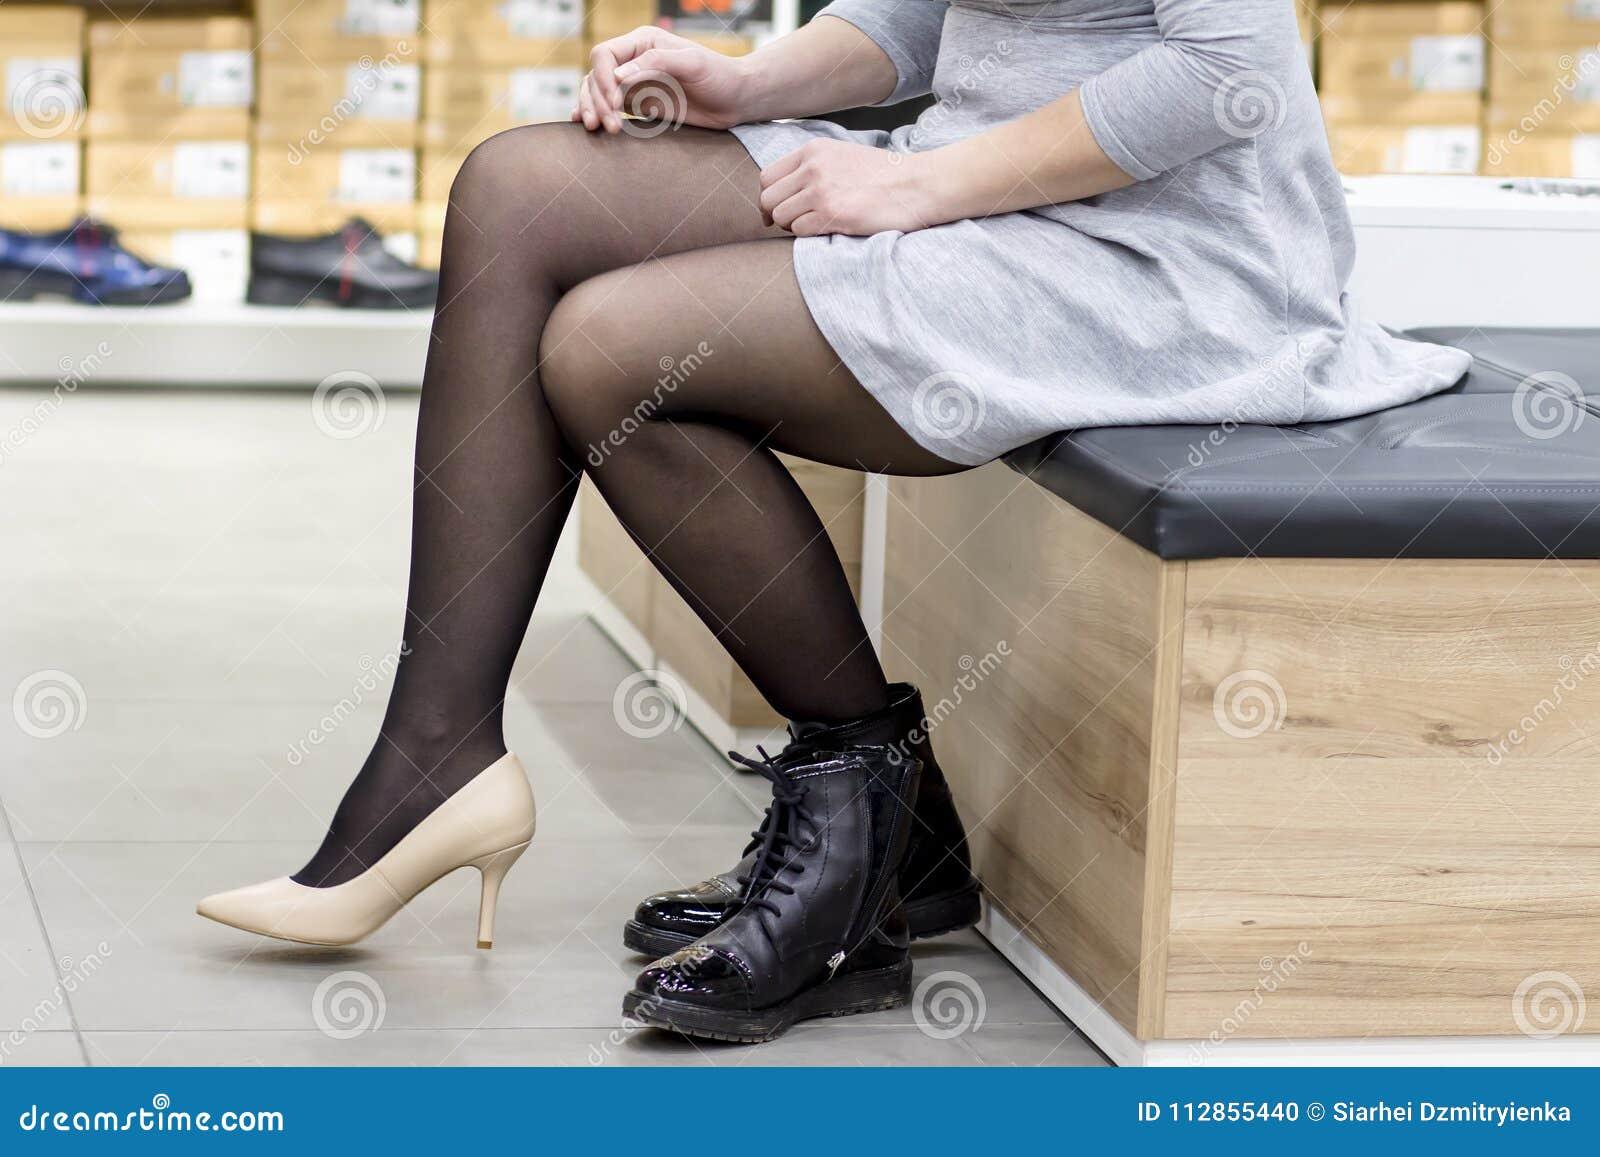 Närbild av flickan som försöker på nya modeskor i skolager den unga kvinnan klär ursnygga skor i boutique av trendiga skor